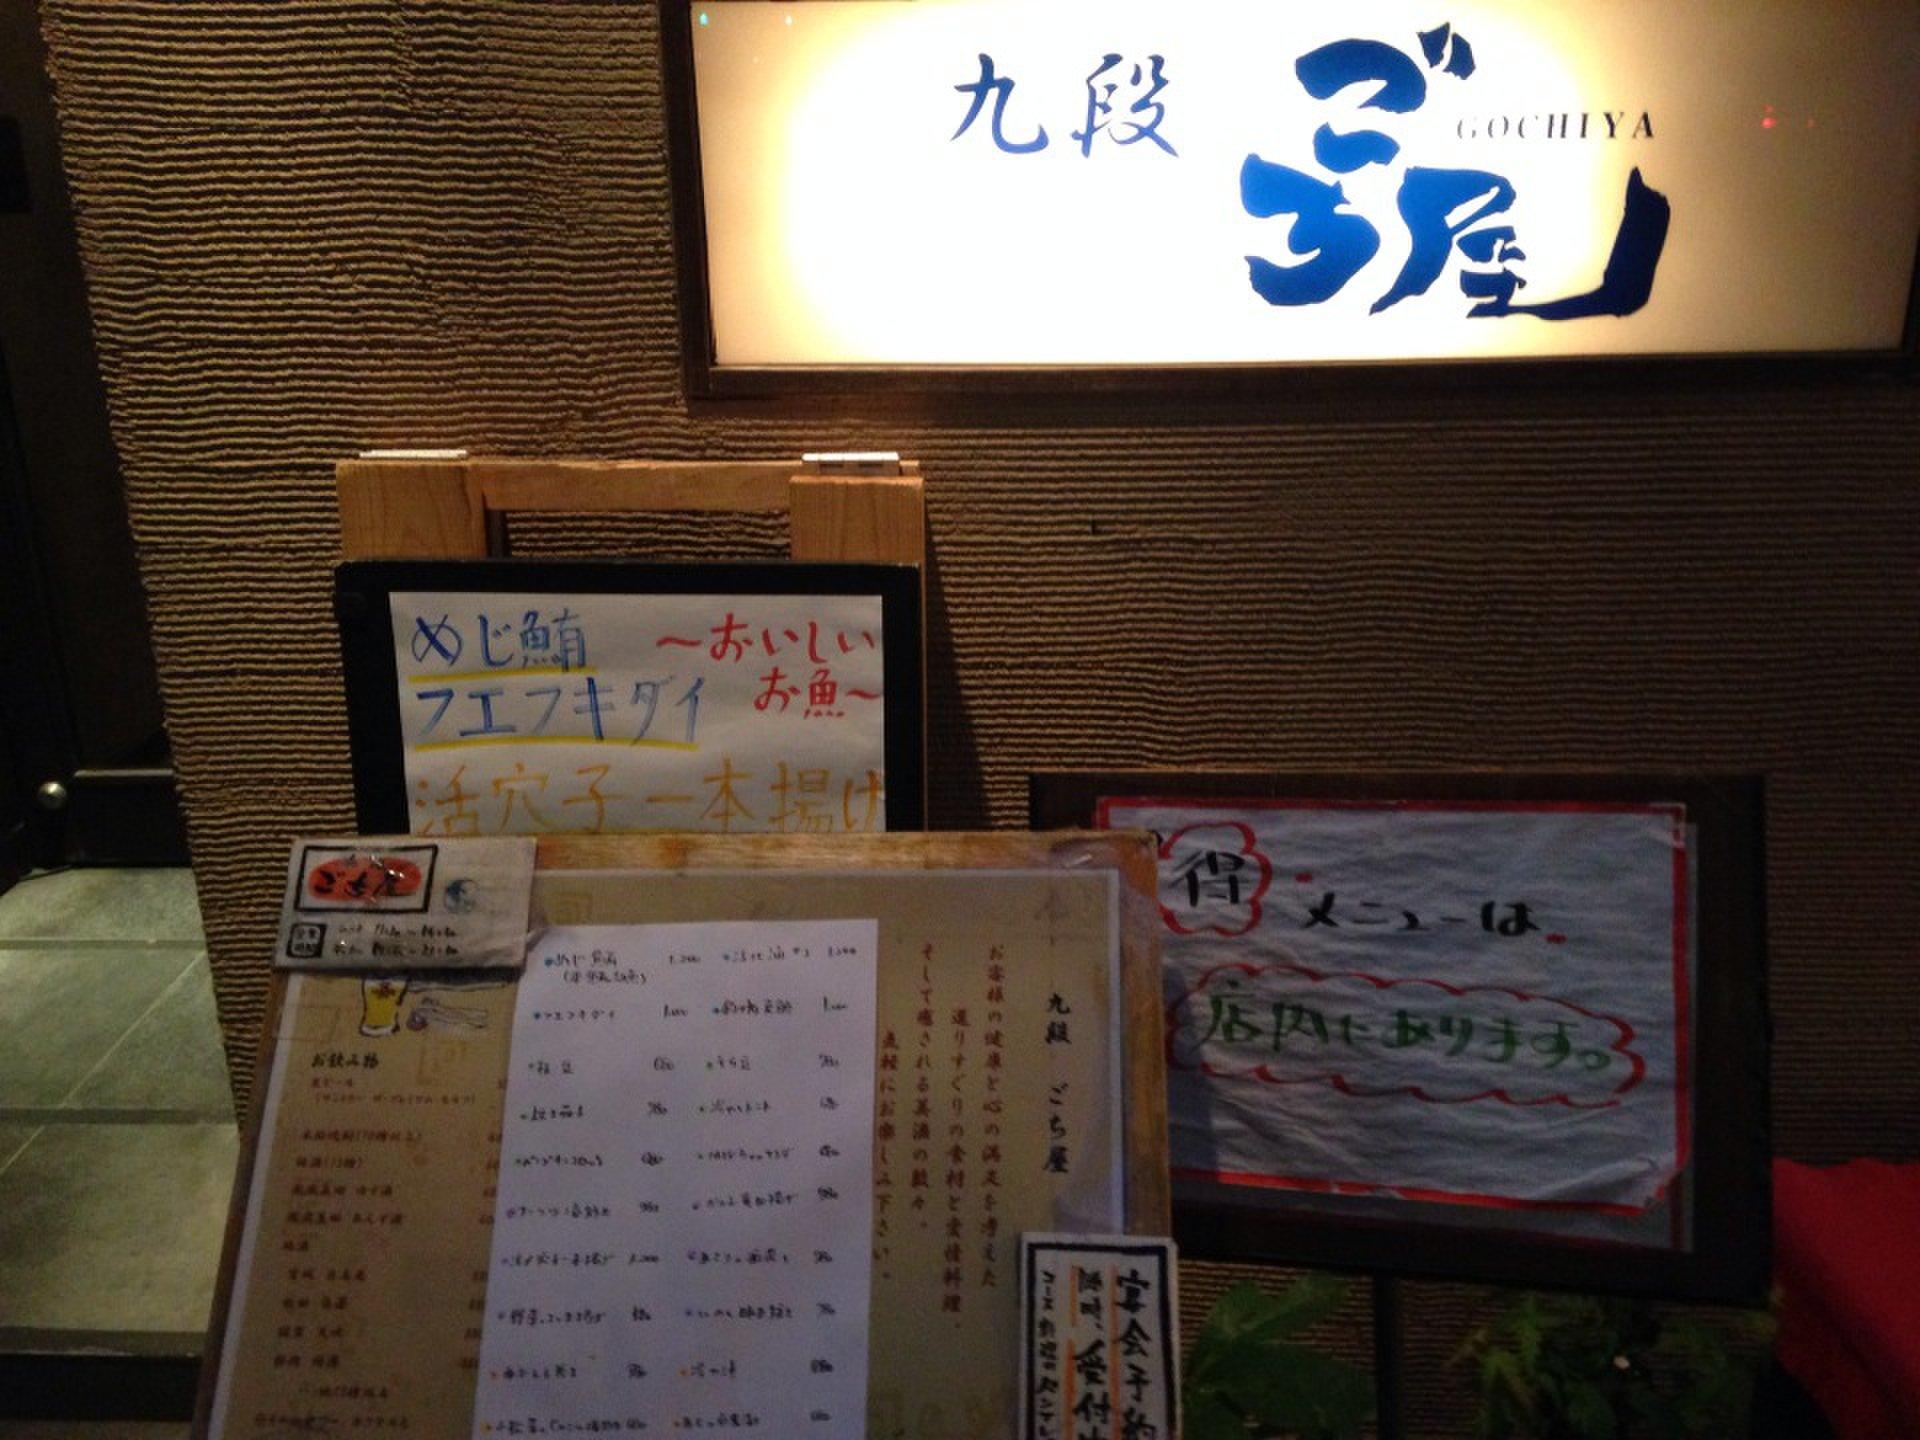 『和』を感じる優しいDining「九段ごち屋」は大人の飲み会に最高!【飯田橋・神楽坂周辺】